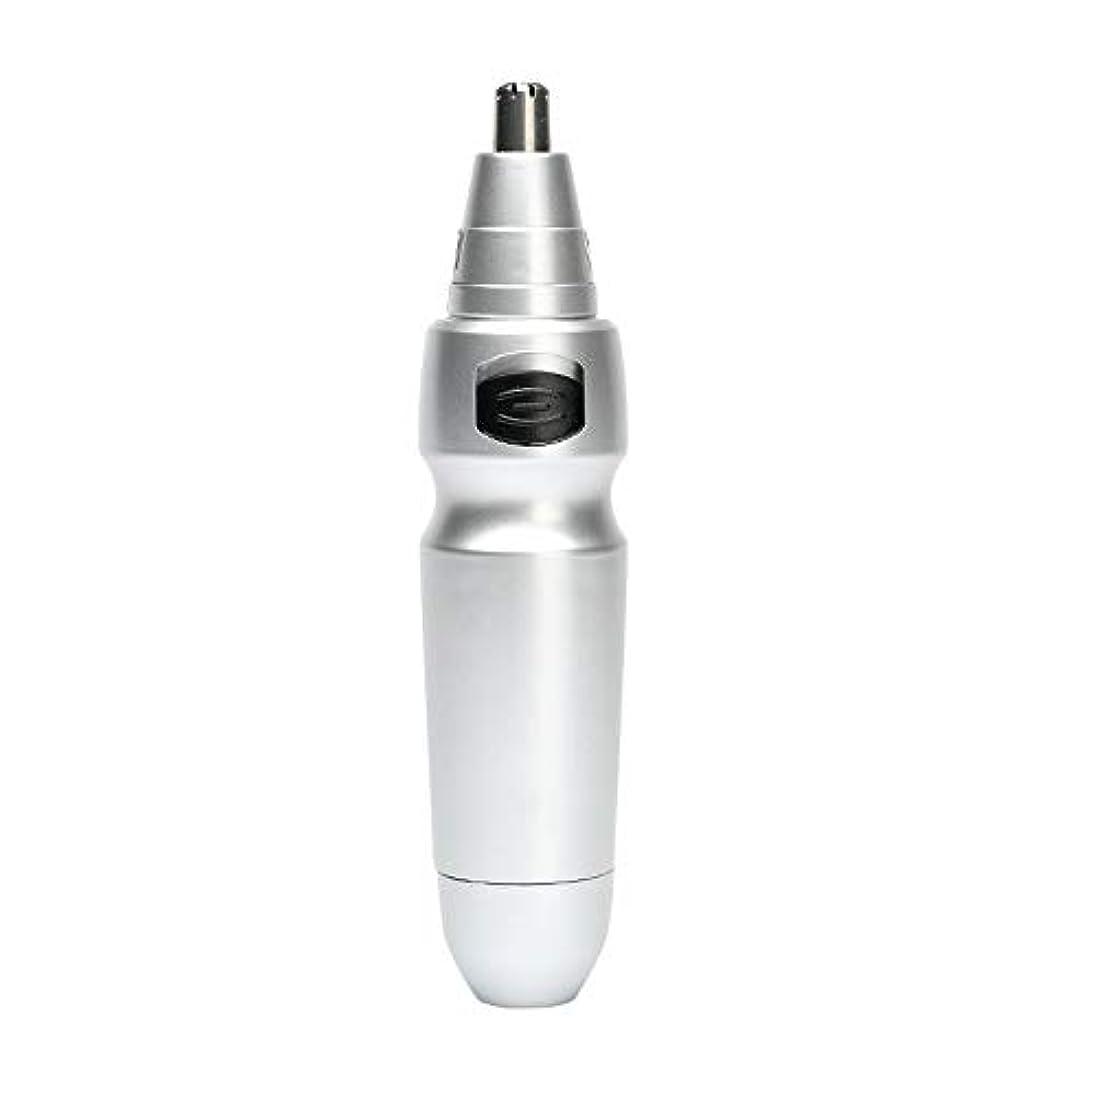 フィットルアー裕福なノーズヘアトリマー-男性用女性シェービングノーズ/三次元アーチ、カッターヘッドデザイン/高速ロータリーカッターヘッド/ 130 * 28mm 作り方がすぐれている